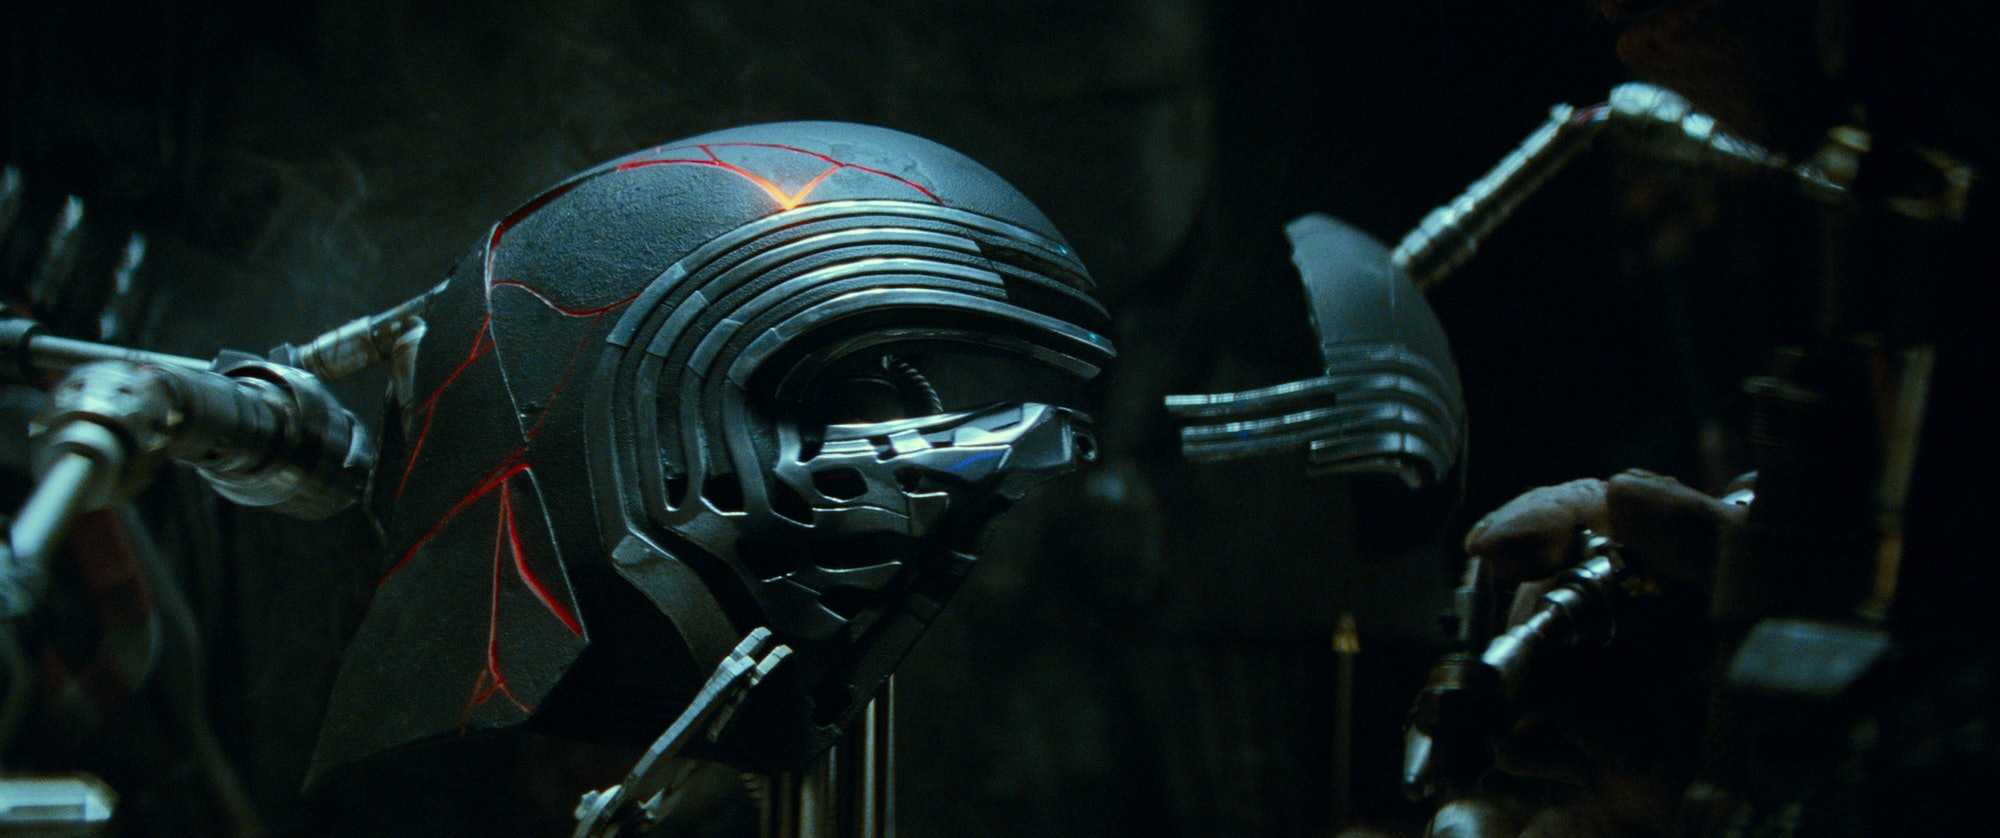 star wars episode ix kylo ren helmet